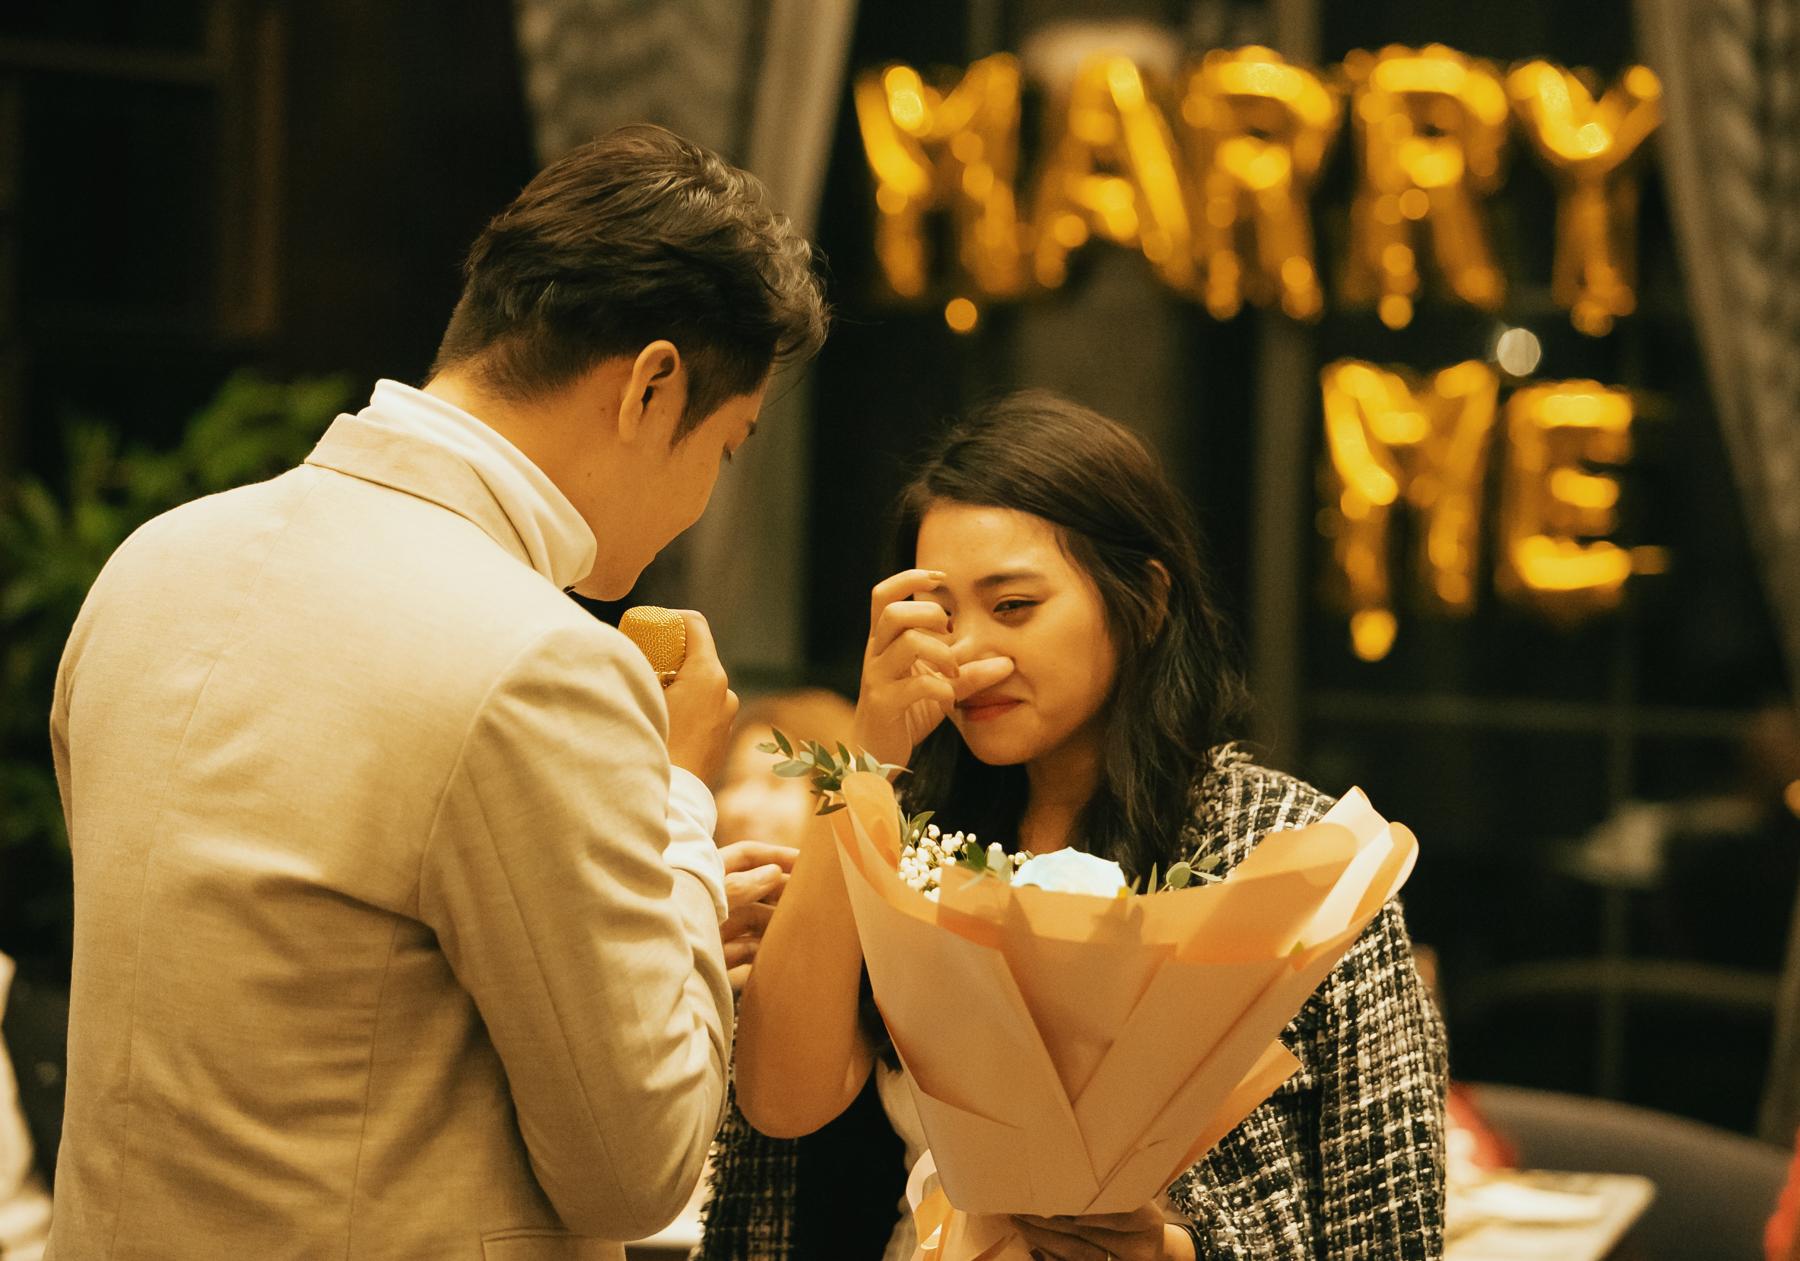 Trước khi yêu Kim Hoàng, anh từng bị lừa dối trong tình yêu, thậm chí có lúc mất niềm tin. Nhưng chính Kim Hoàng là người thay đổi điều đó ở anh.